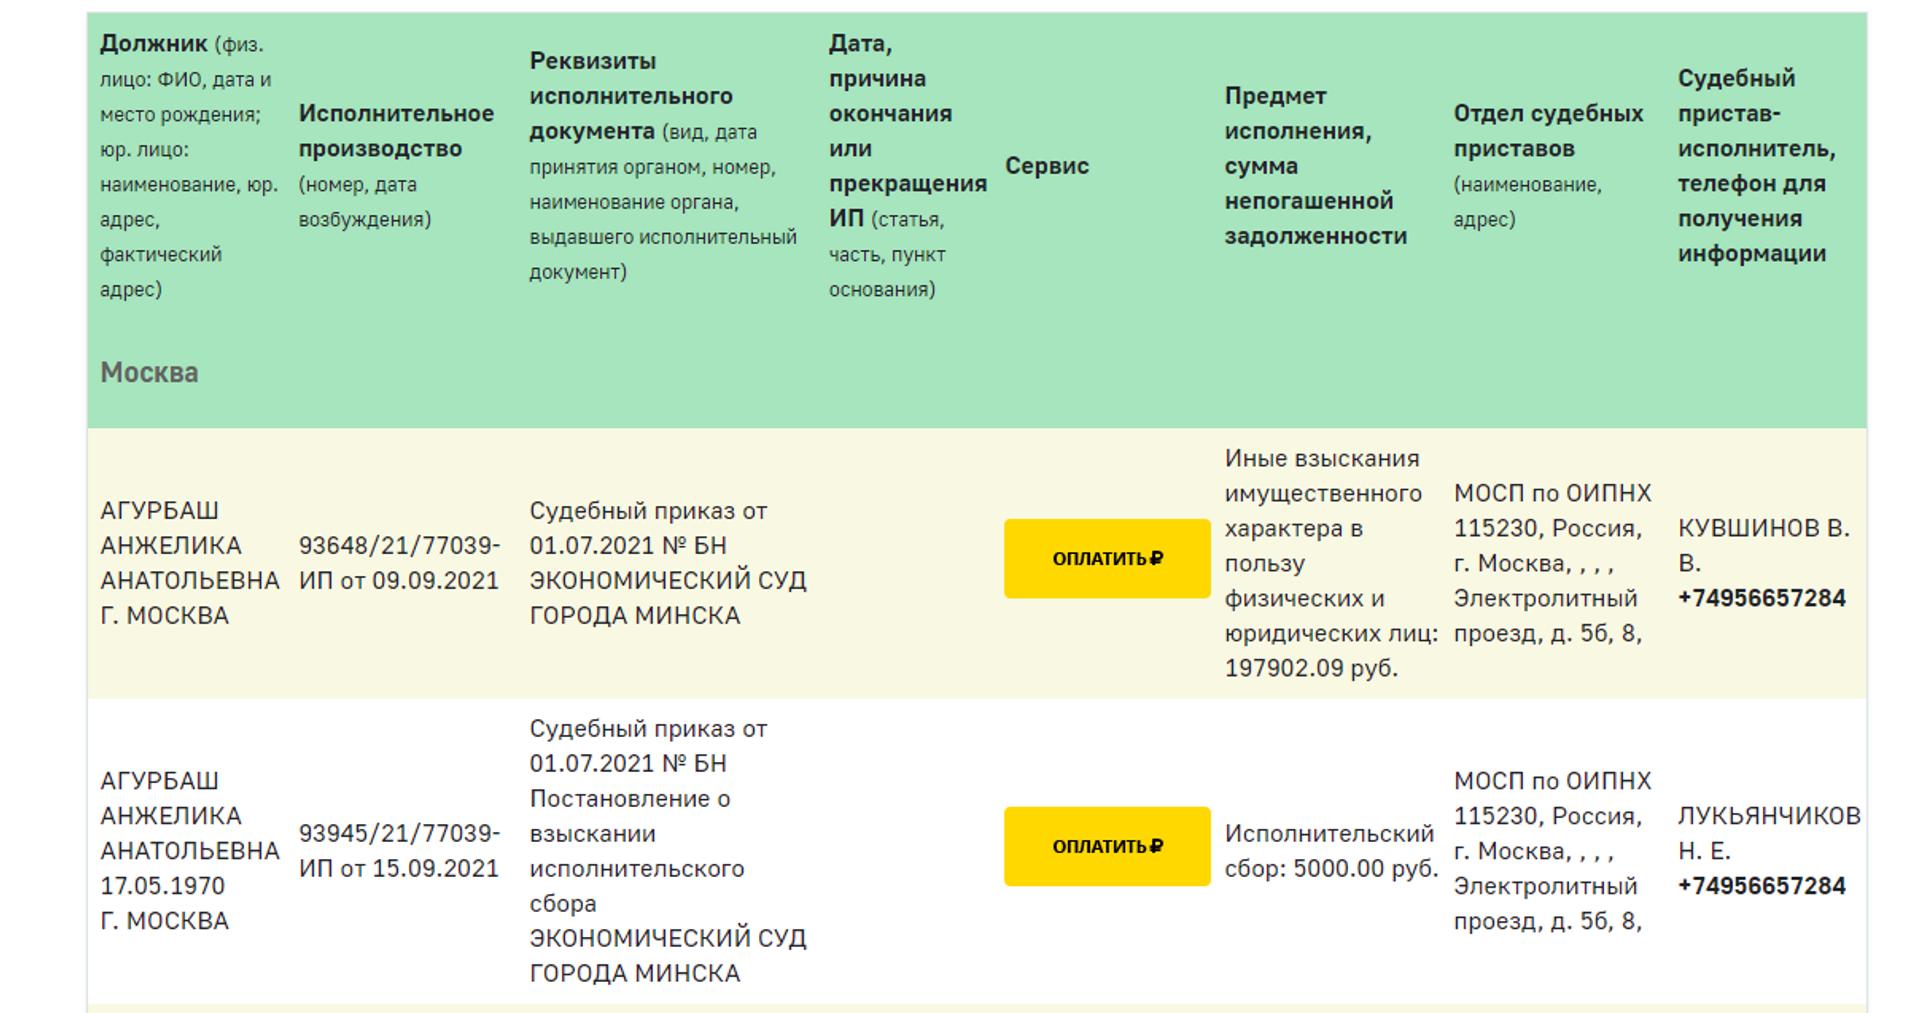 Федеральная служба судебных приставов России опубликовала на своем сайте суммы, которые должна выплатить певица Анжелика Агурбаш - Sputnik Беларусь, 1920, 13.10.2021